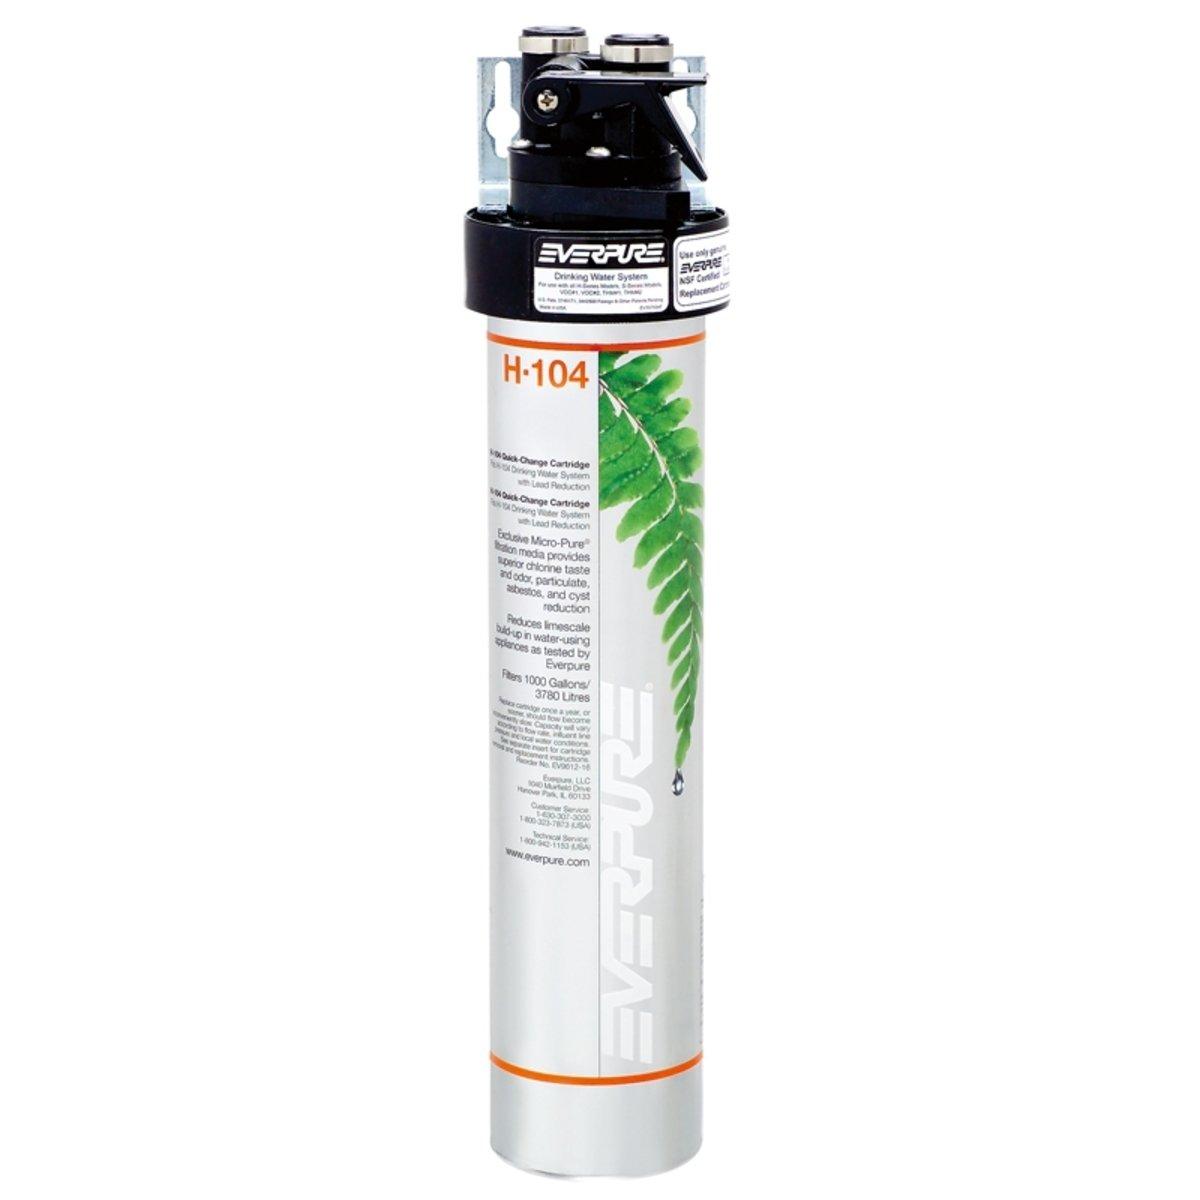 EVERPURE 愛惠浦 H104 濾水設備 - 濾芯(不包安裝)